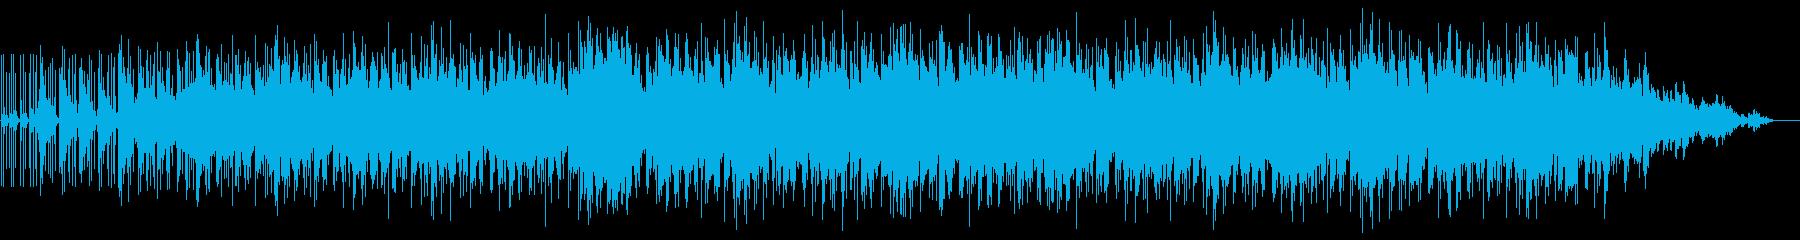 ピースフルなギターインストルメンタルの再生済みの波形